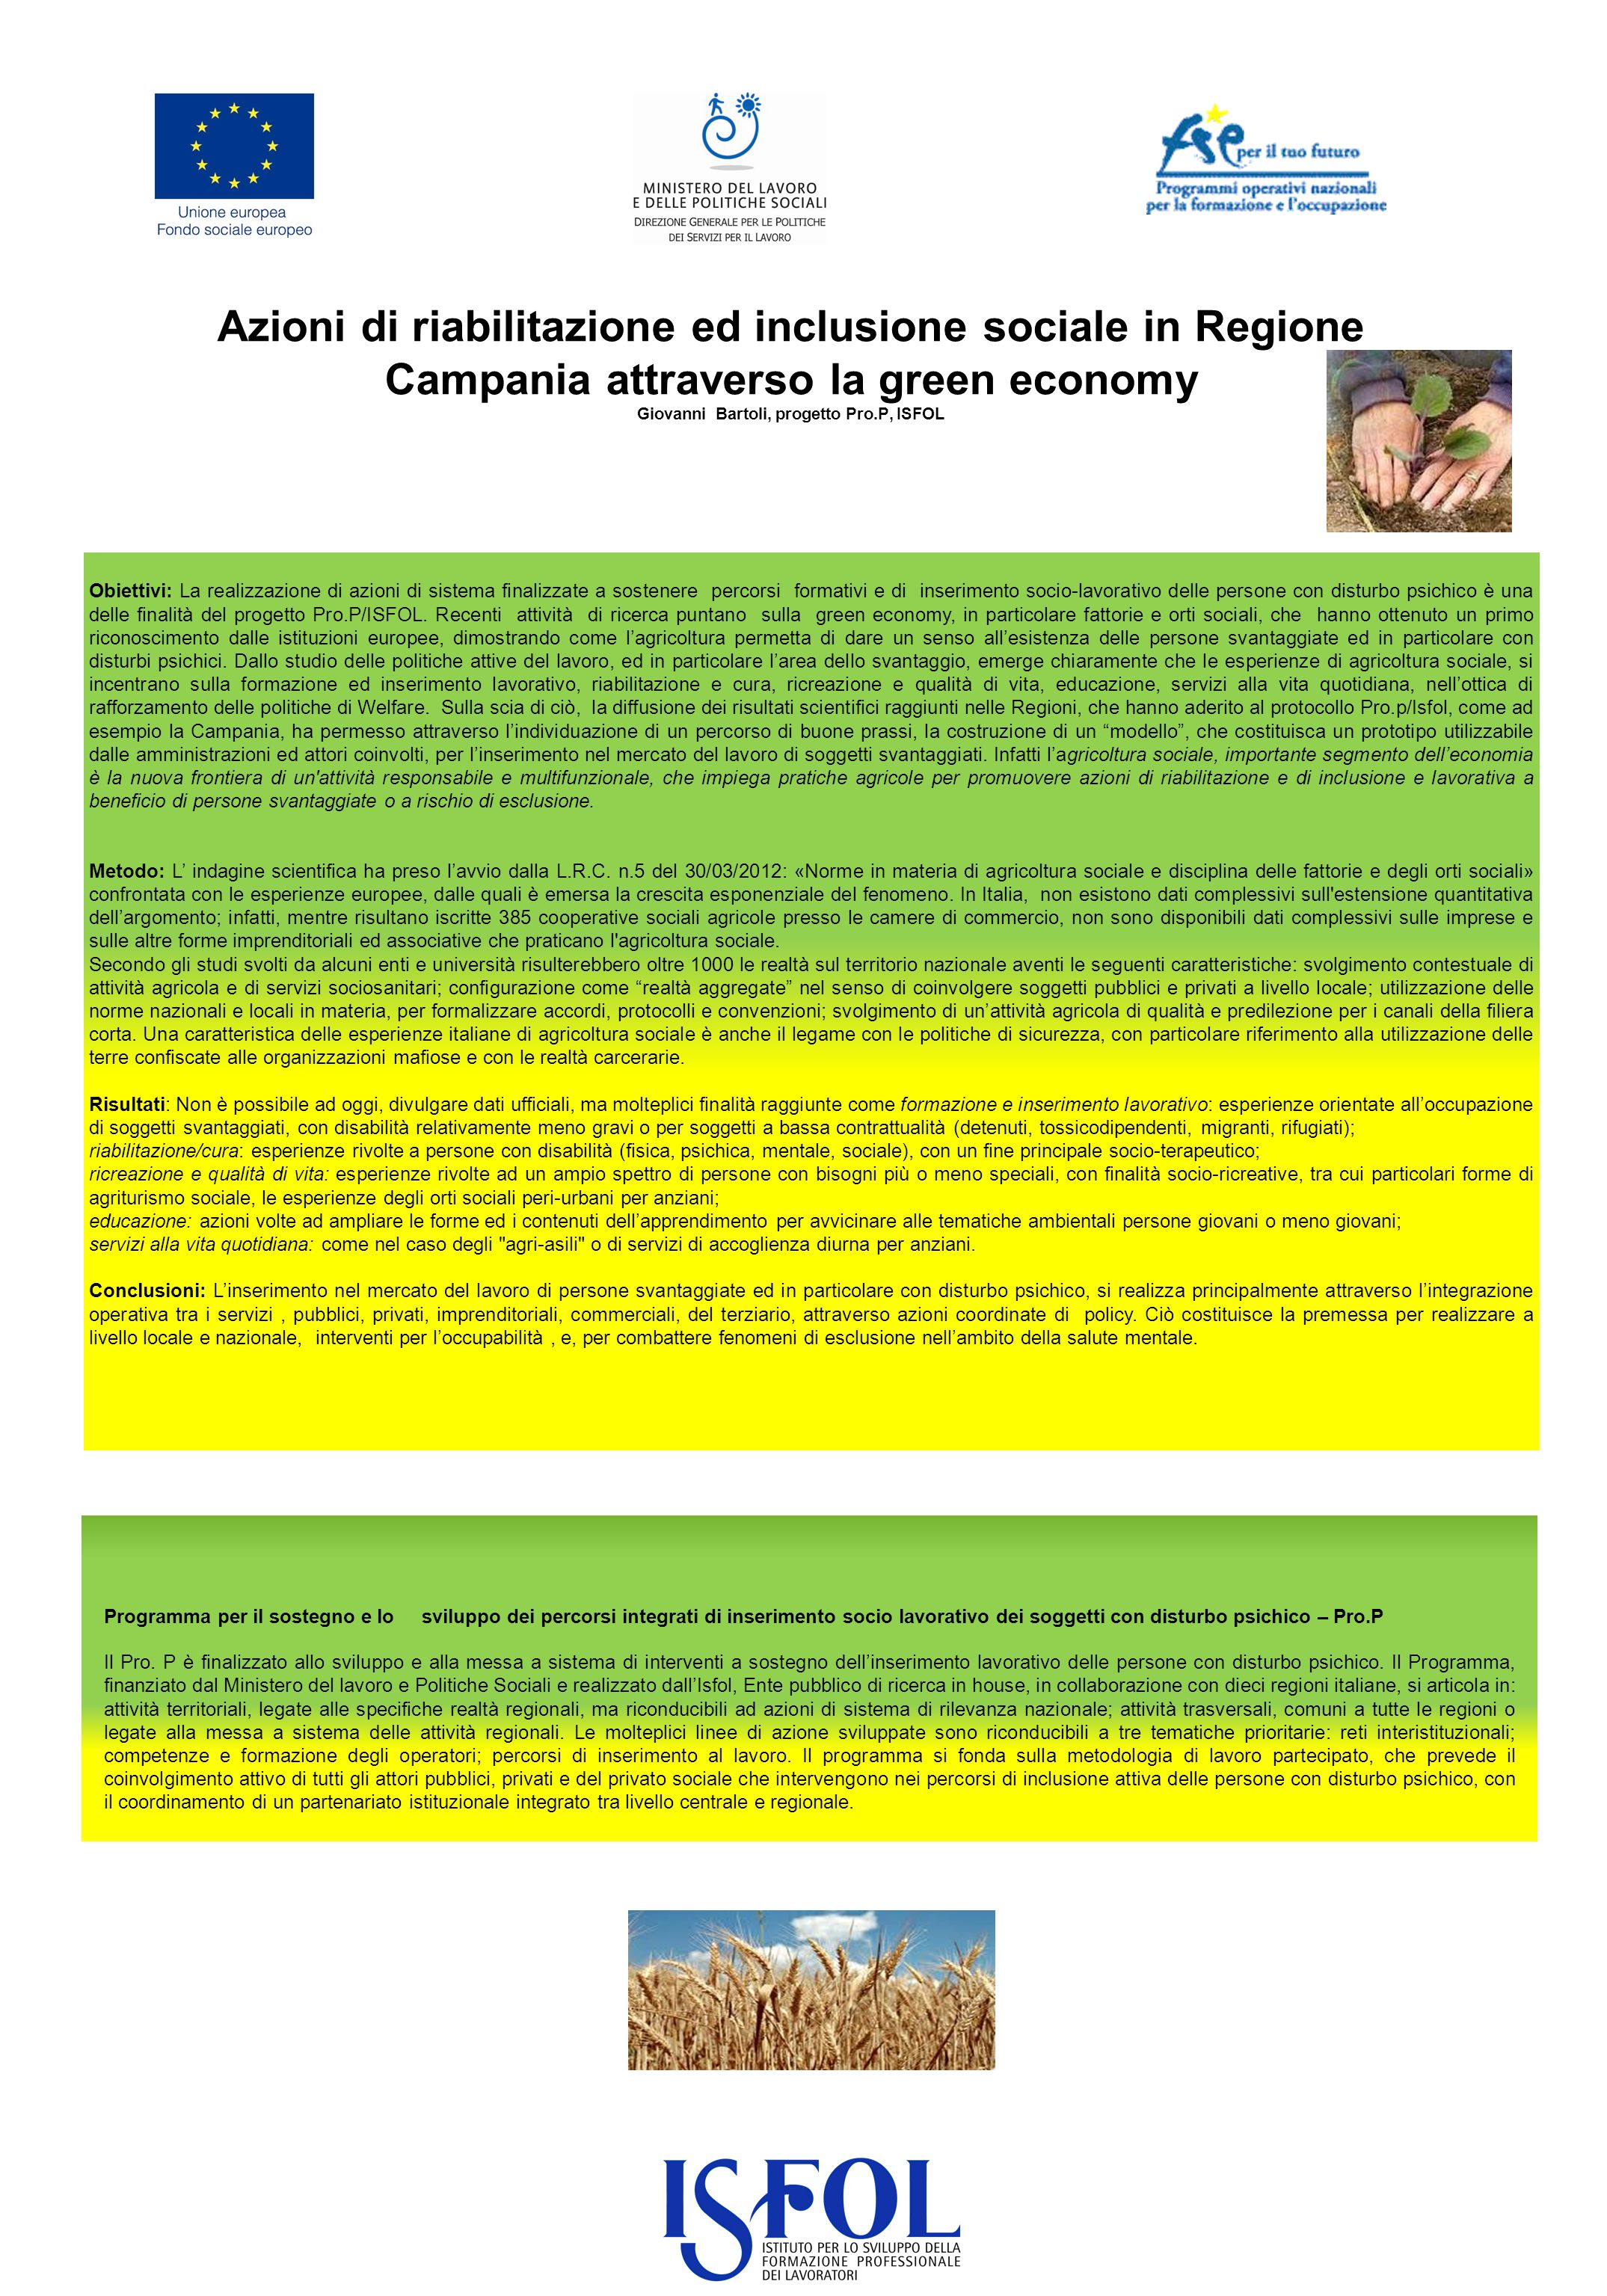 Azioni di riabilitazione ed inclusione sociale in Regione Campania attraverso la green economy Giovanni Bartoli, progetto Pro.P, ISFOL Programma per i